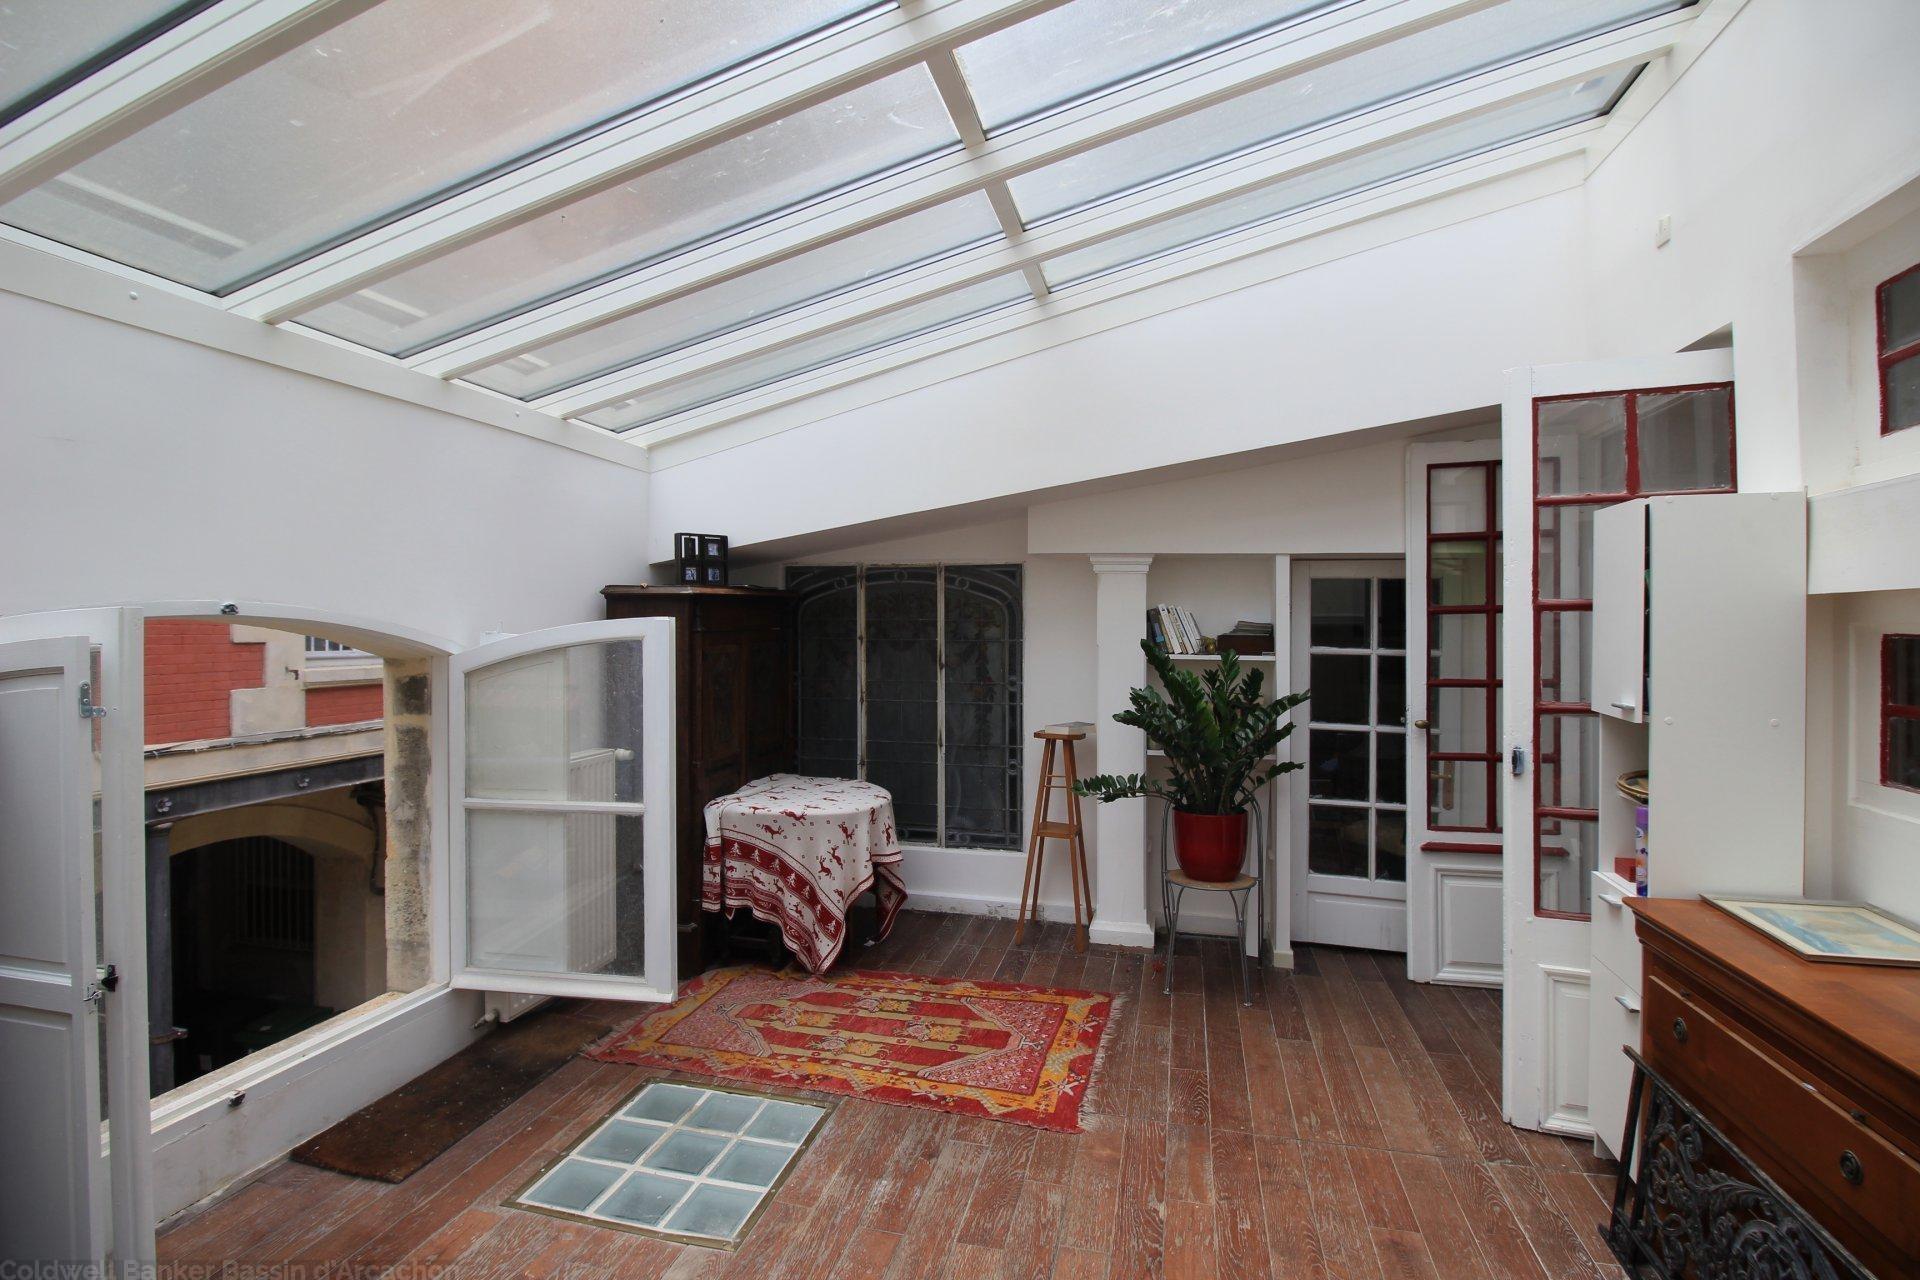 vente appartement duplex 3 chambres bordeaux jardin public